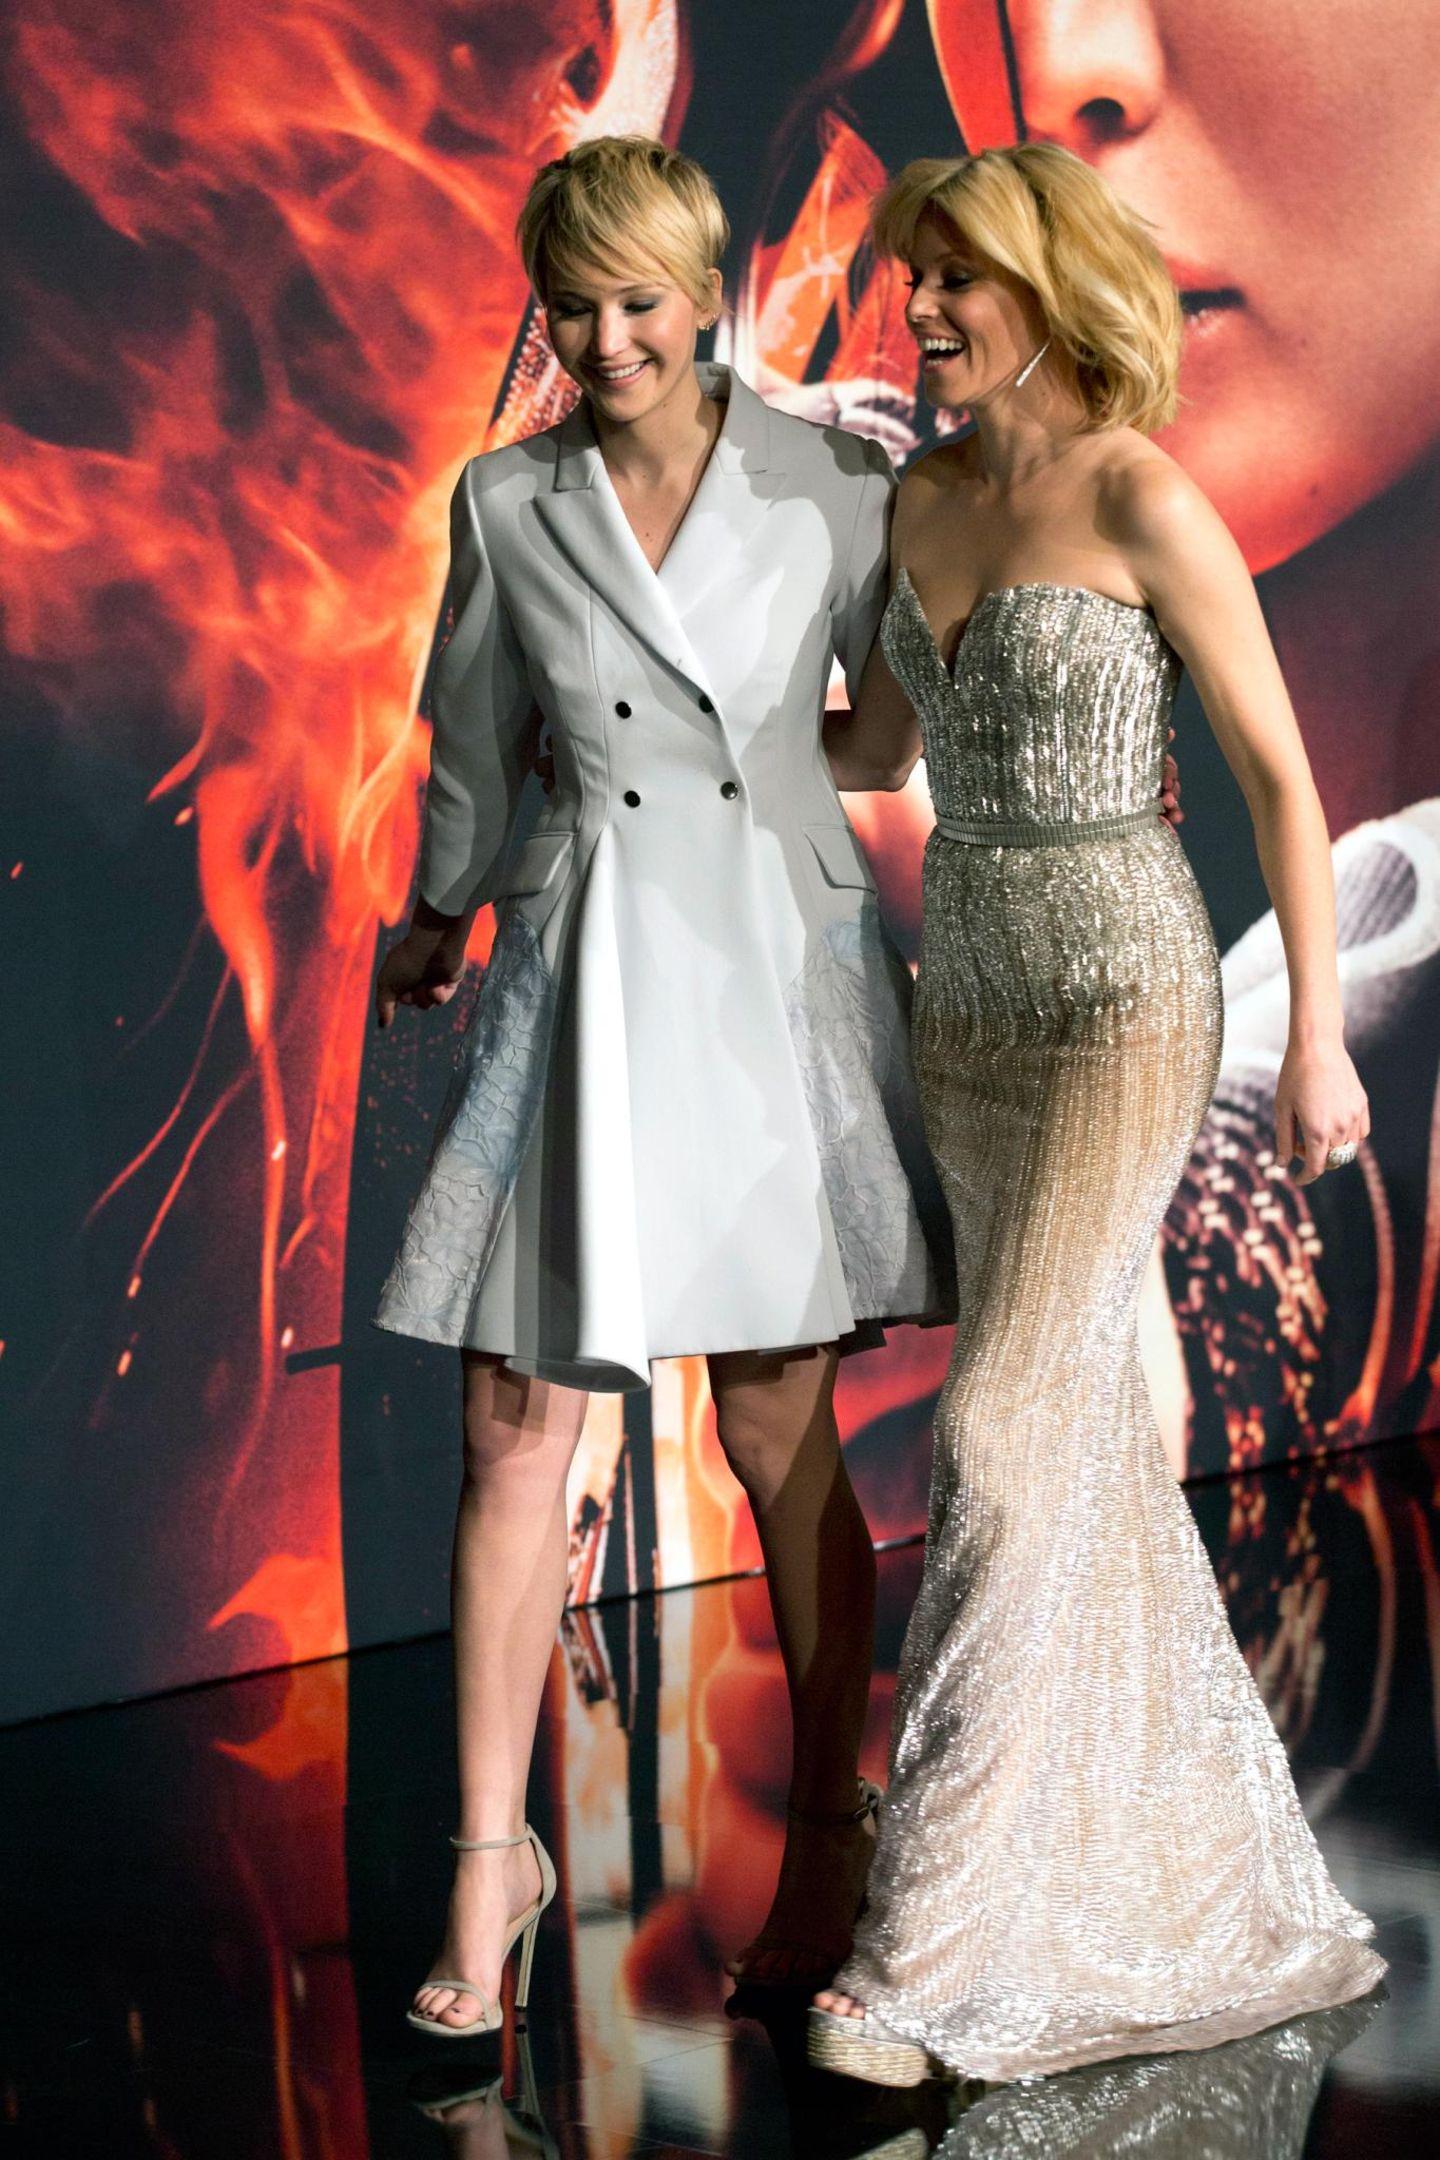 """Frauenpower: Arm in Arm schreiten Jenifer Lawrence und Elizabeth Banks zur Filmvorführung con """"Catching Fire"""" im Cinema Cinestar am Potsdamer Platz."""